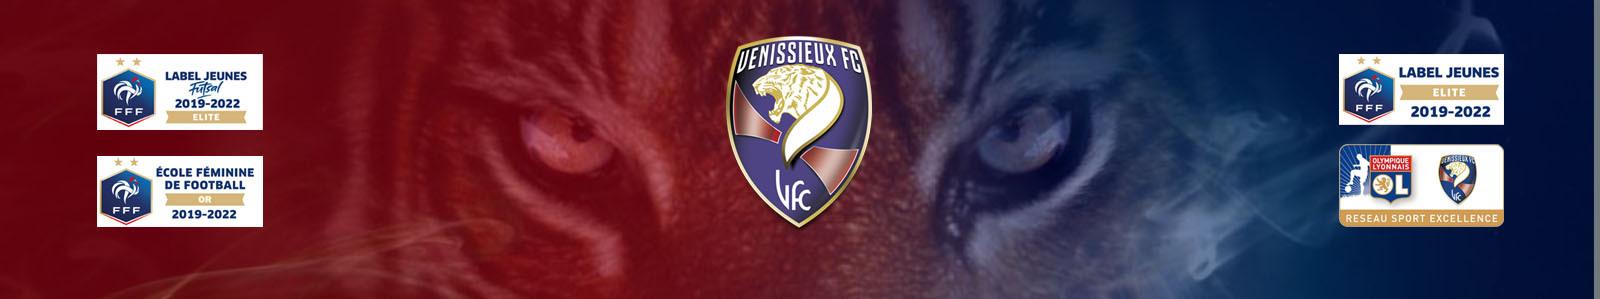 Vénissieux FC : site officiel du club de foot de Vénissieux - footeo